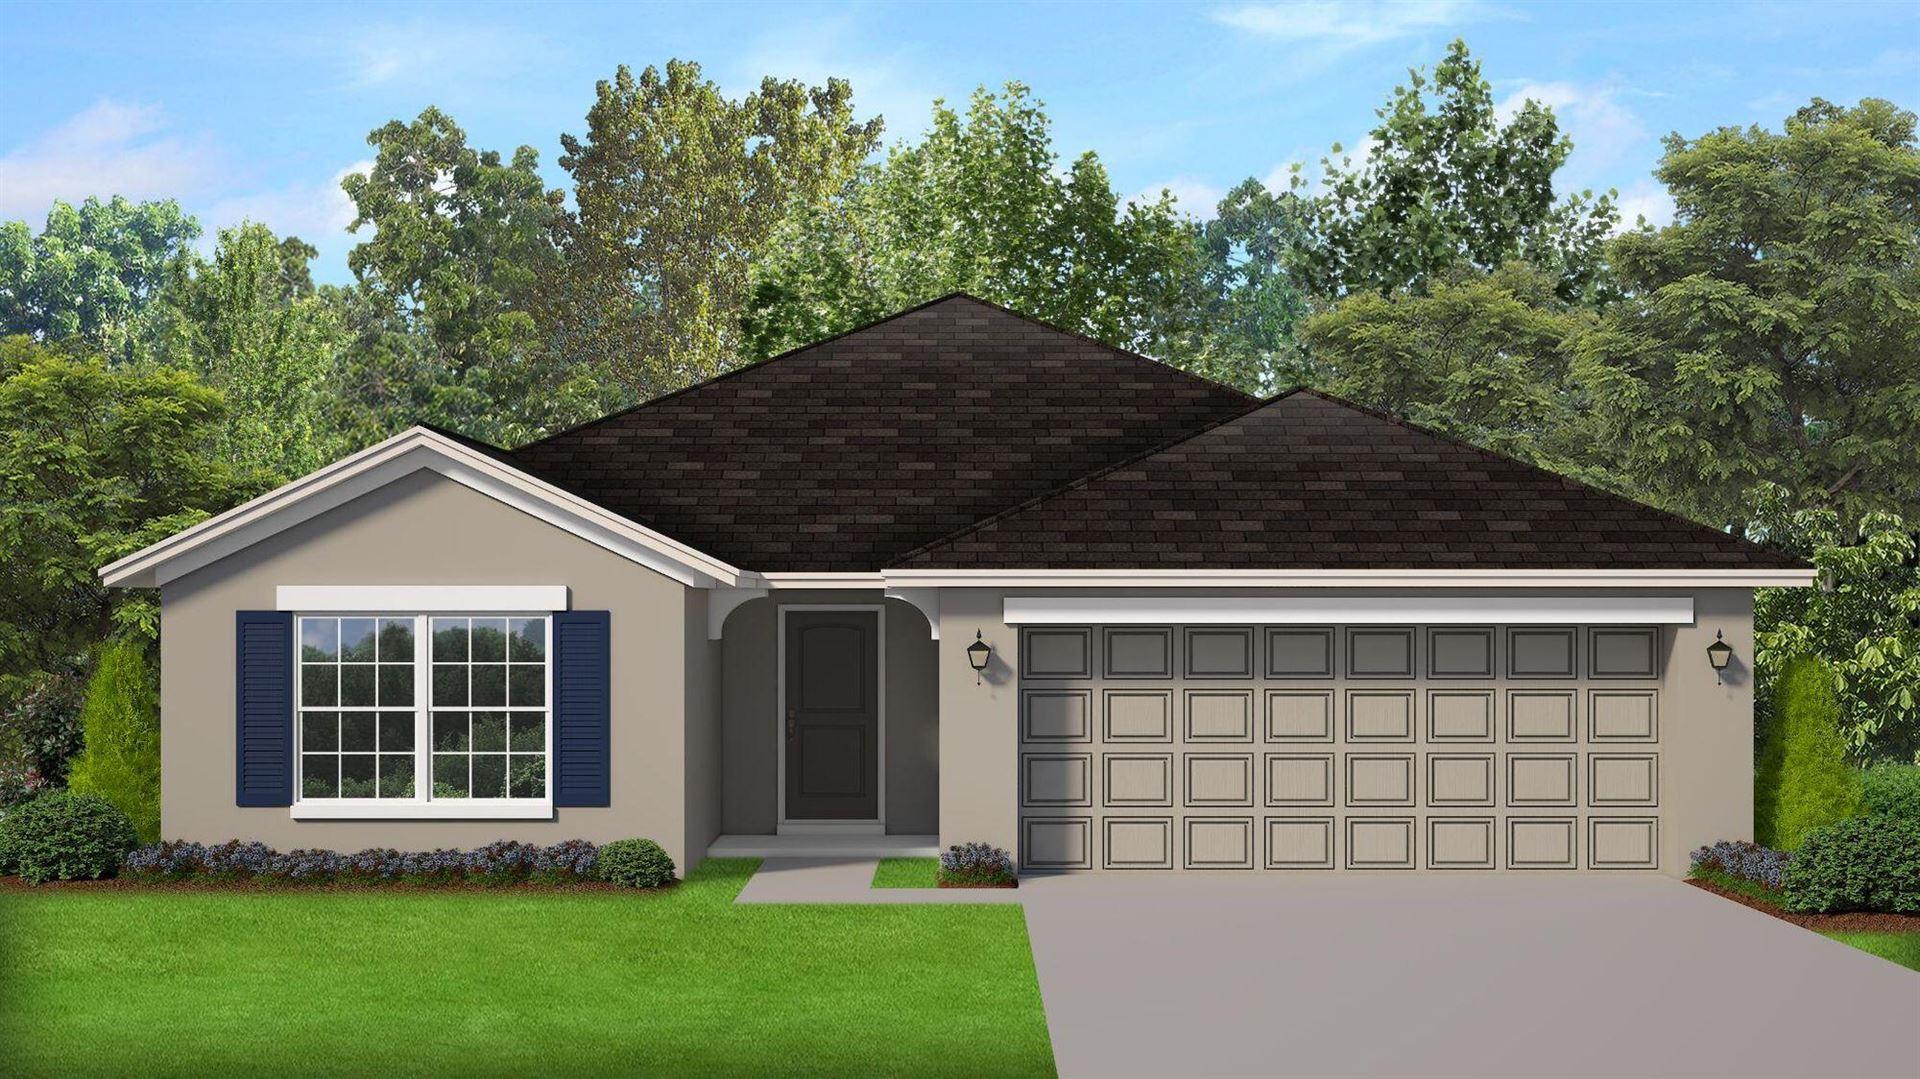 5352 Lugo Street Street, Fort Pierce, FL 34951 - MLS#: RX-10733242